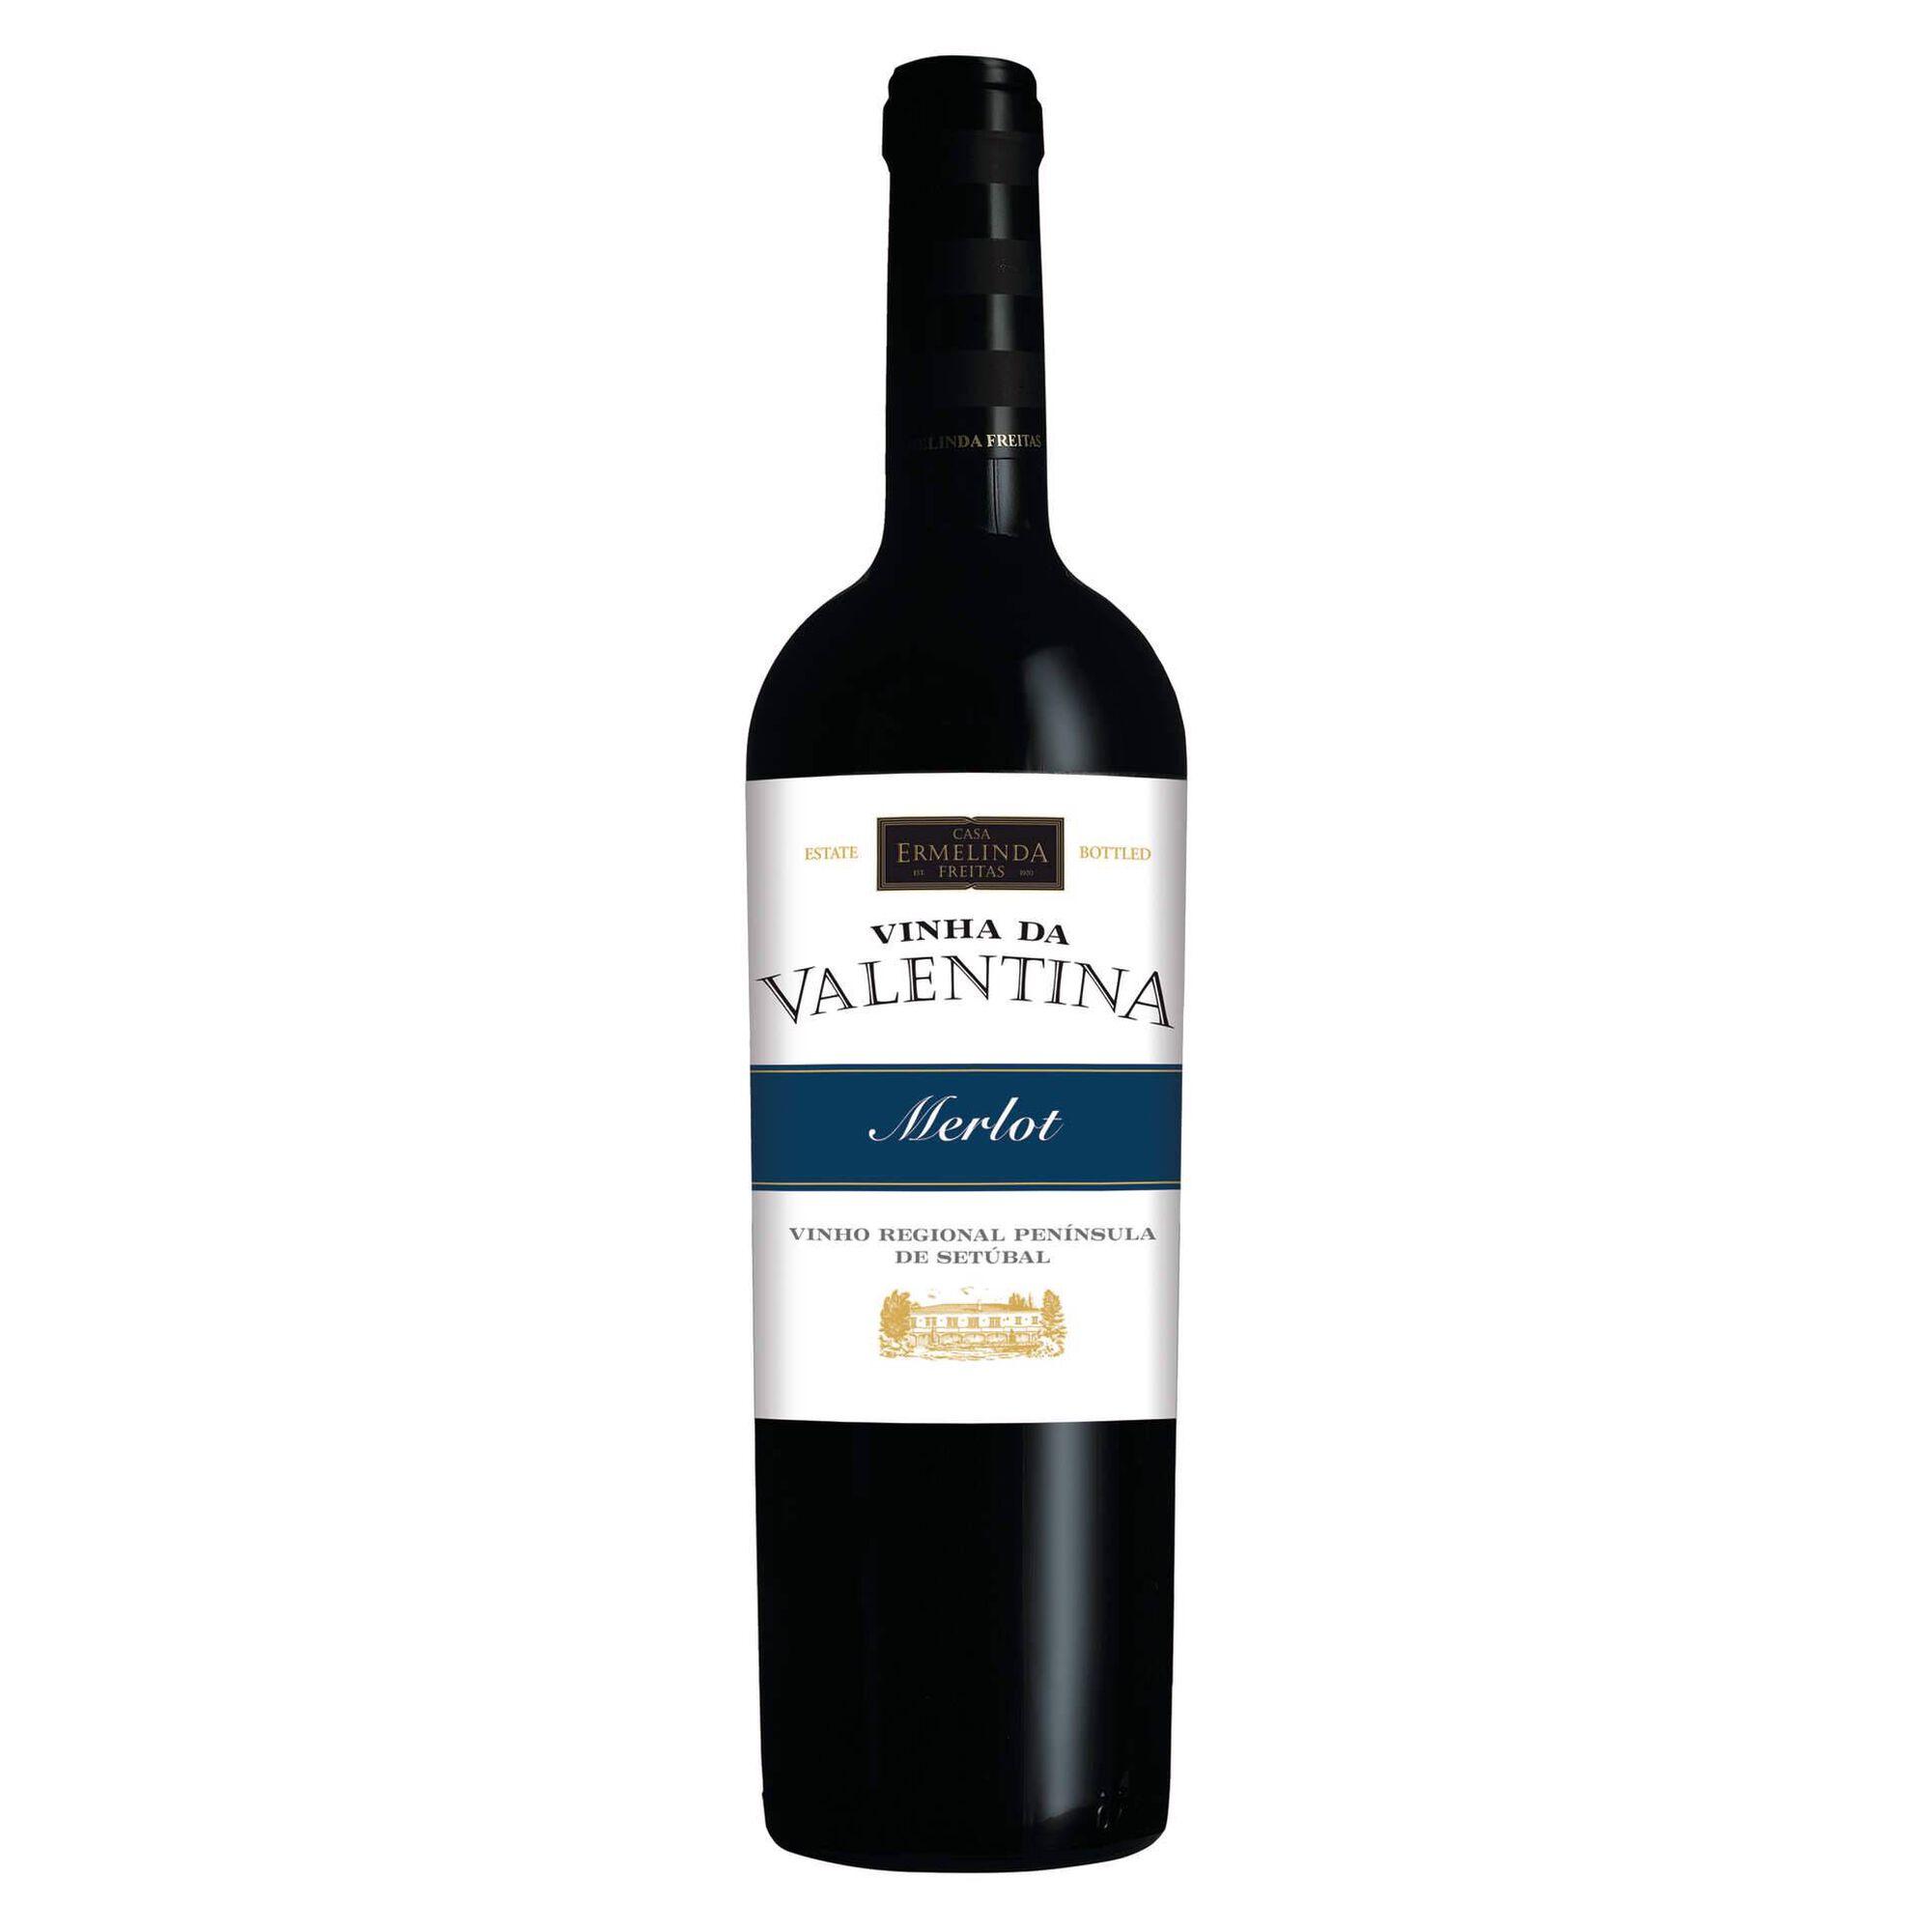 Vinha da Valentina Merlot Regional Península de Setúbal Vinho Tinto